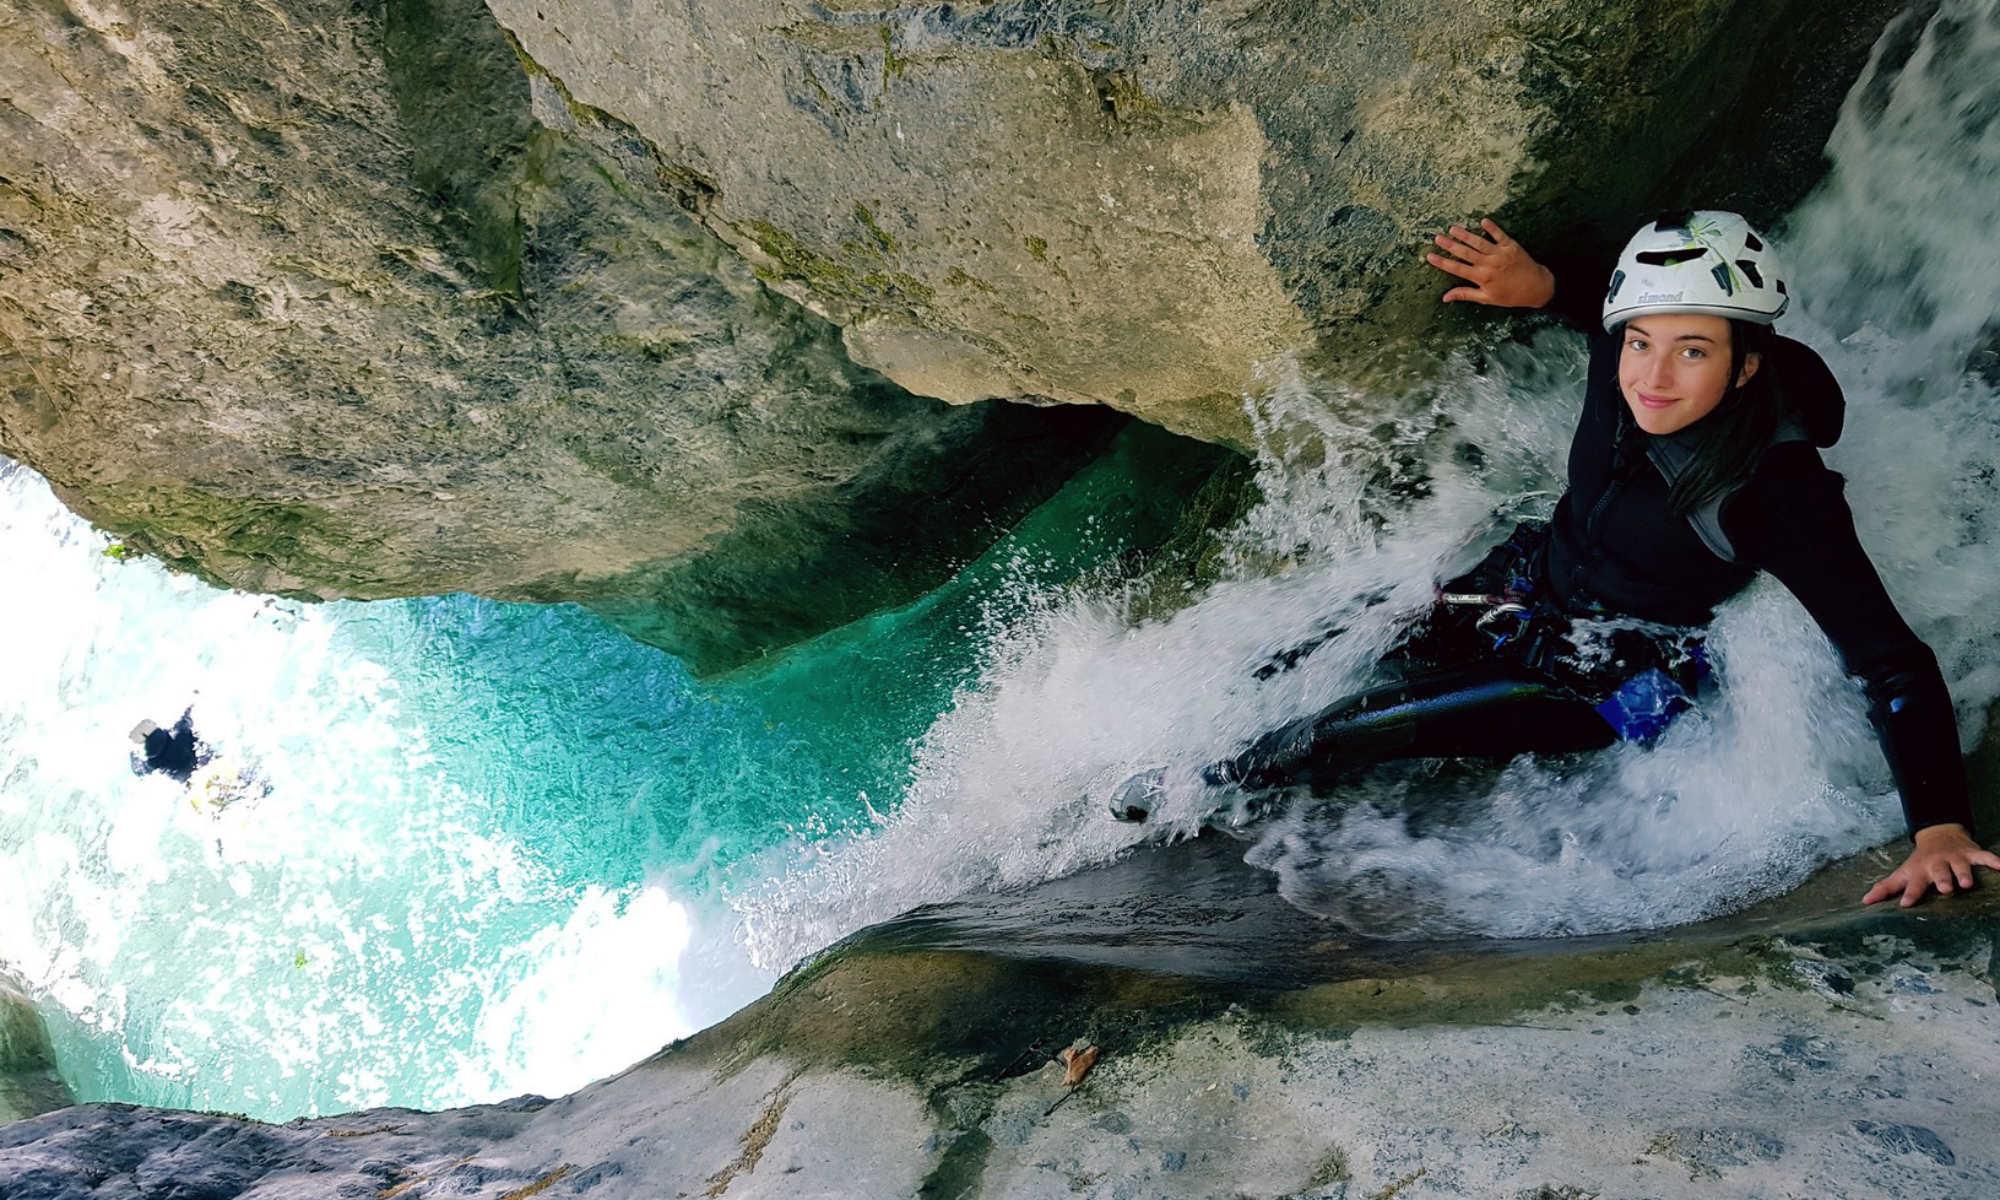 Una bambina si prepara per un toboga durante un'escursione di canyoning in Francia.